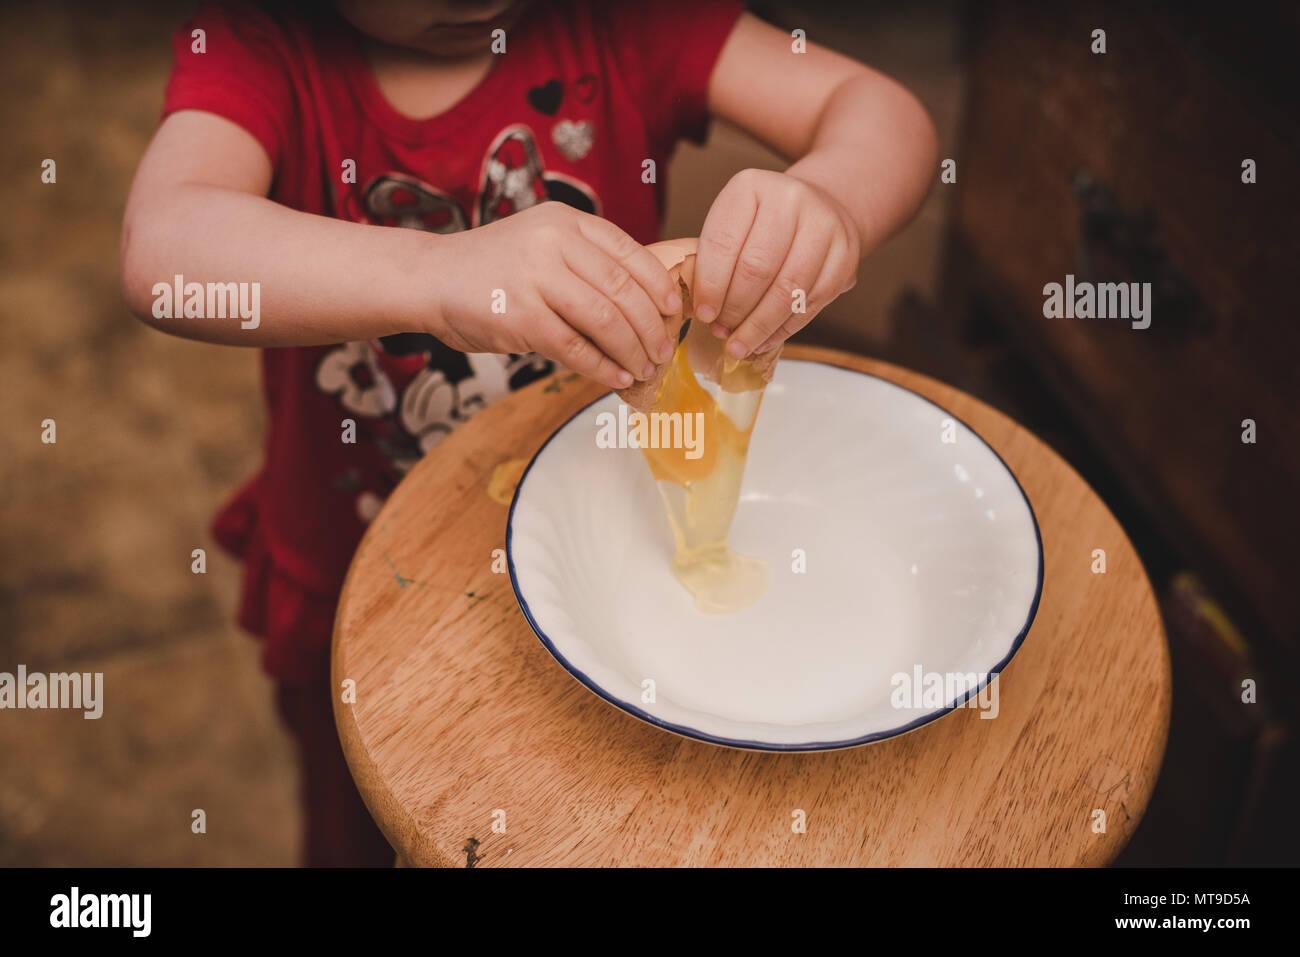 Ein Kleinkind ein Bauernhof frisches Ei in eine Schüssel geben. Stockbild